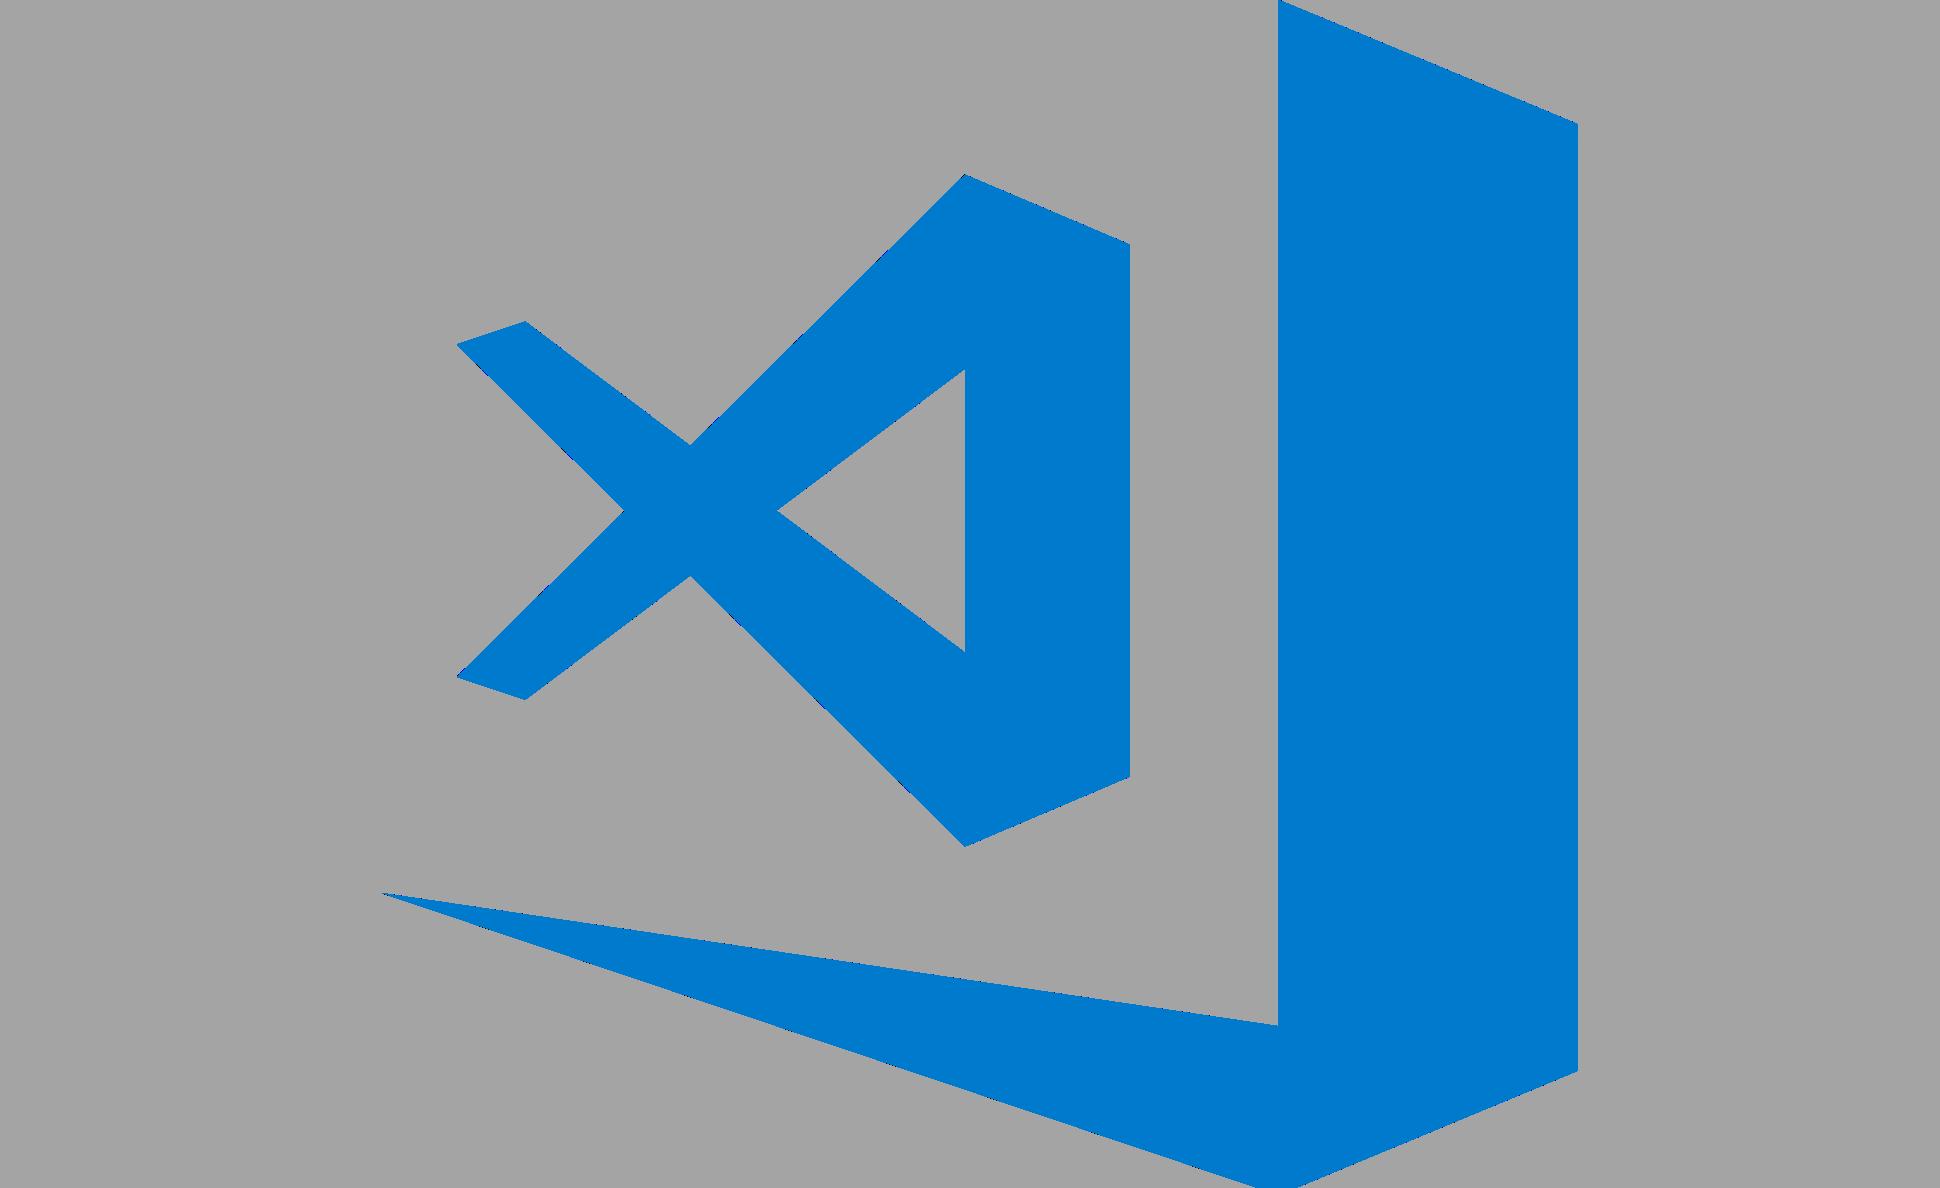 بهترین افزونه های Visual Studio Code برای Javascript - قسمت 2